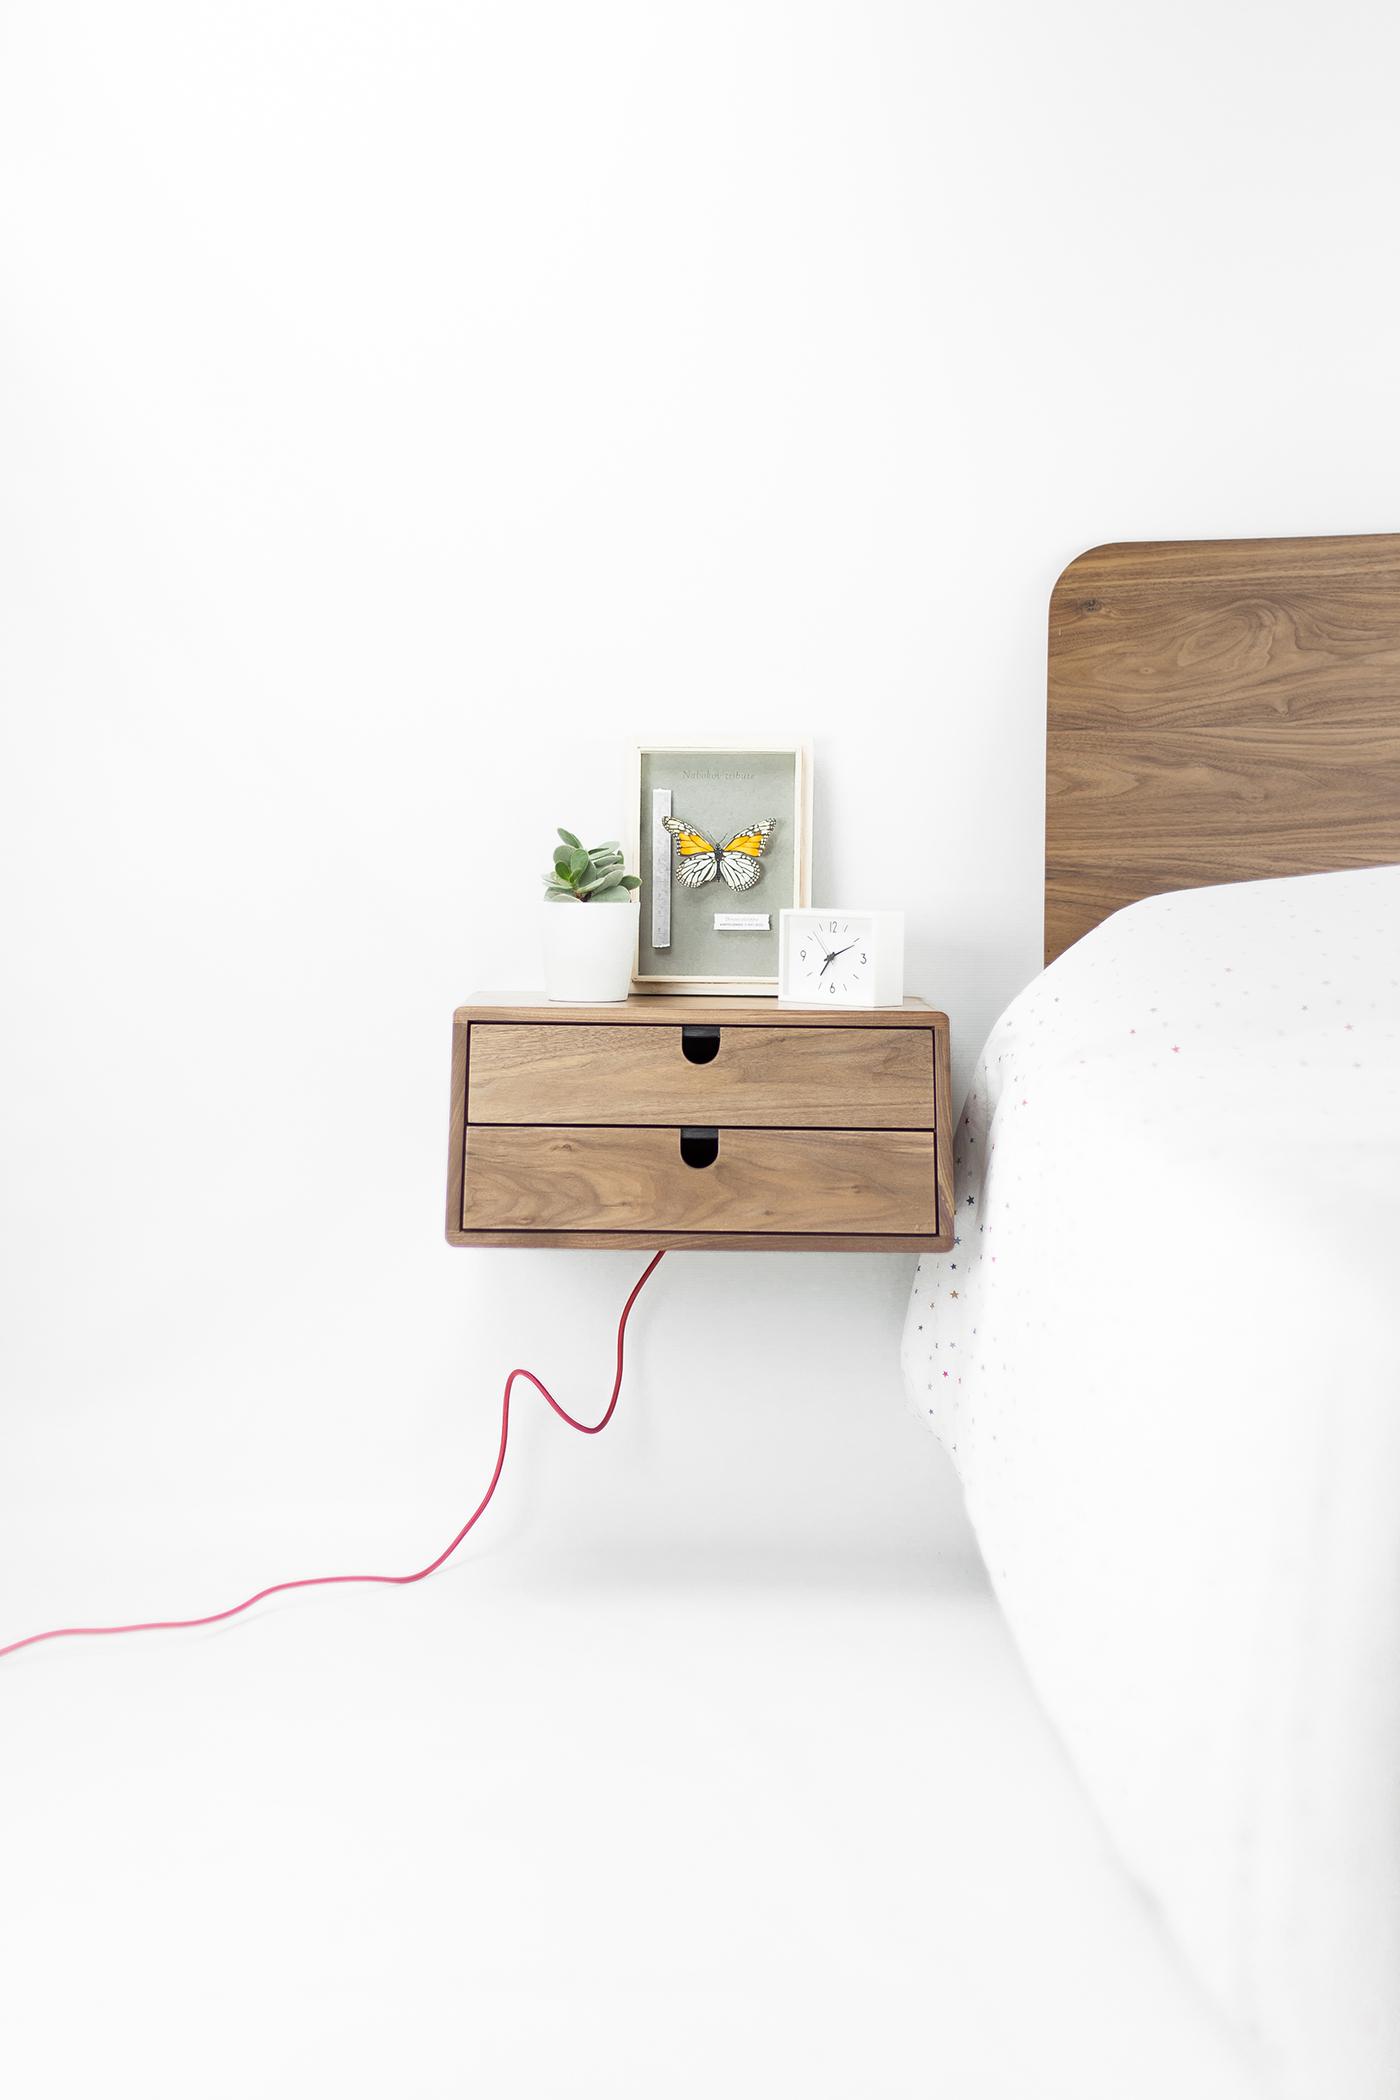 有創意感的21張床頭櫃設計欣賞